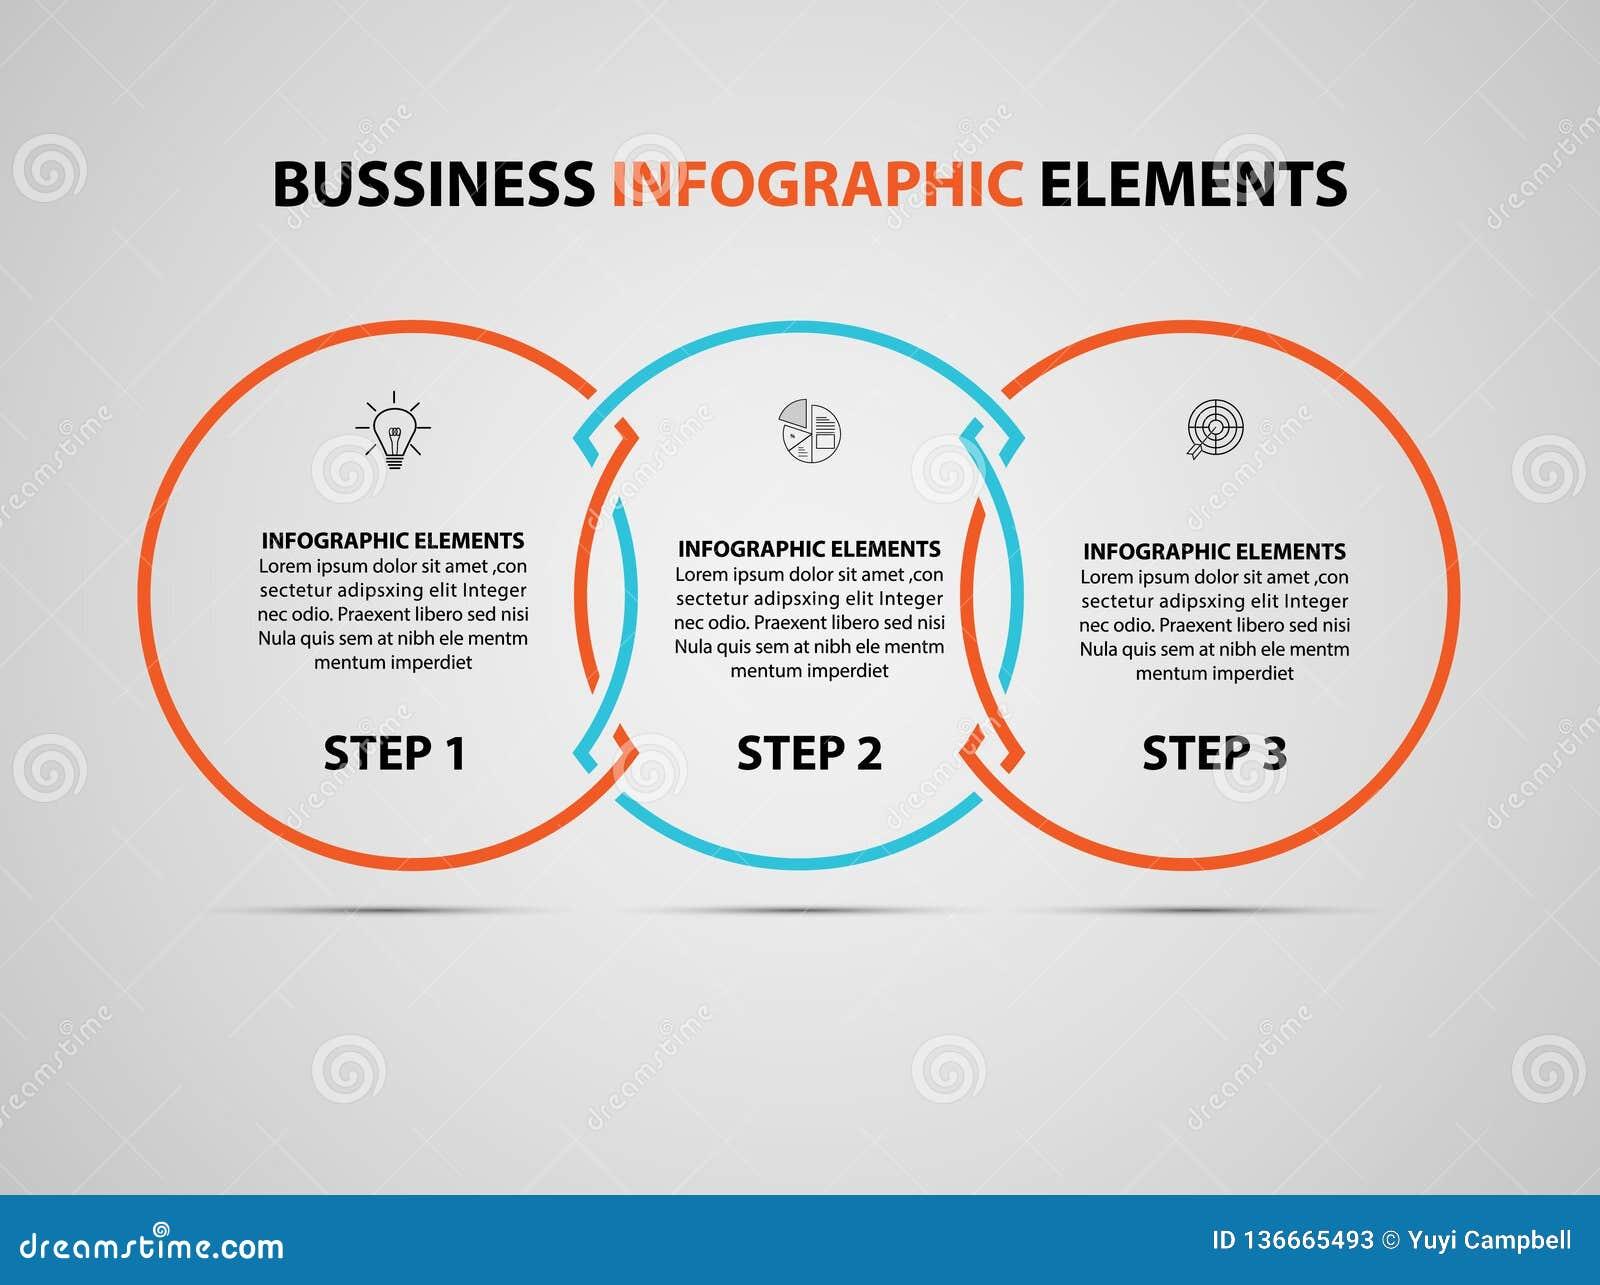 επιχειρησιακό στοιχείο infographic Διανυσματικό πρότυπο σχεδίου υπόδειξης ως προς το χρόνο infographics σύγχρονος διάνυσμα